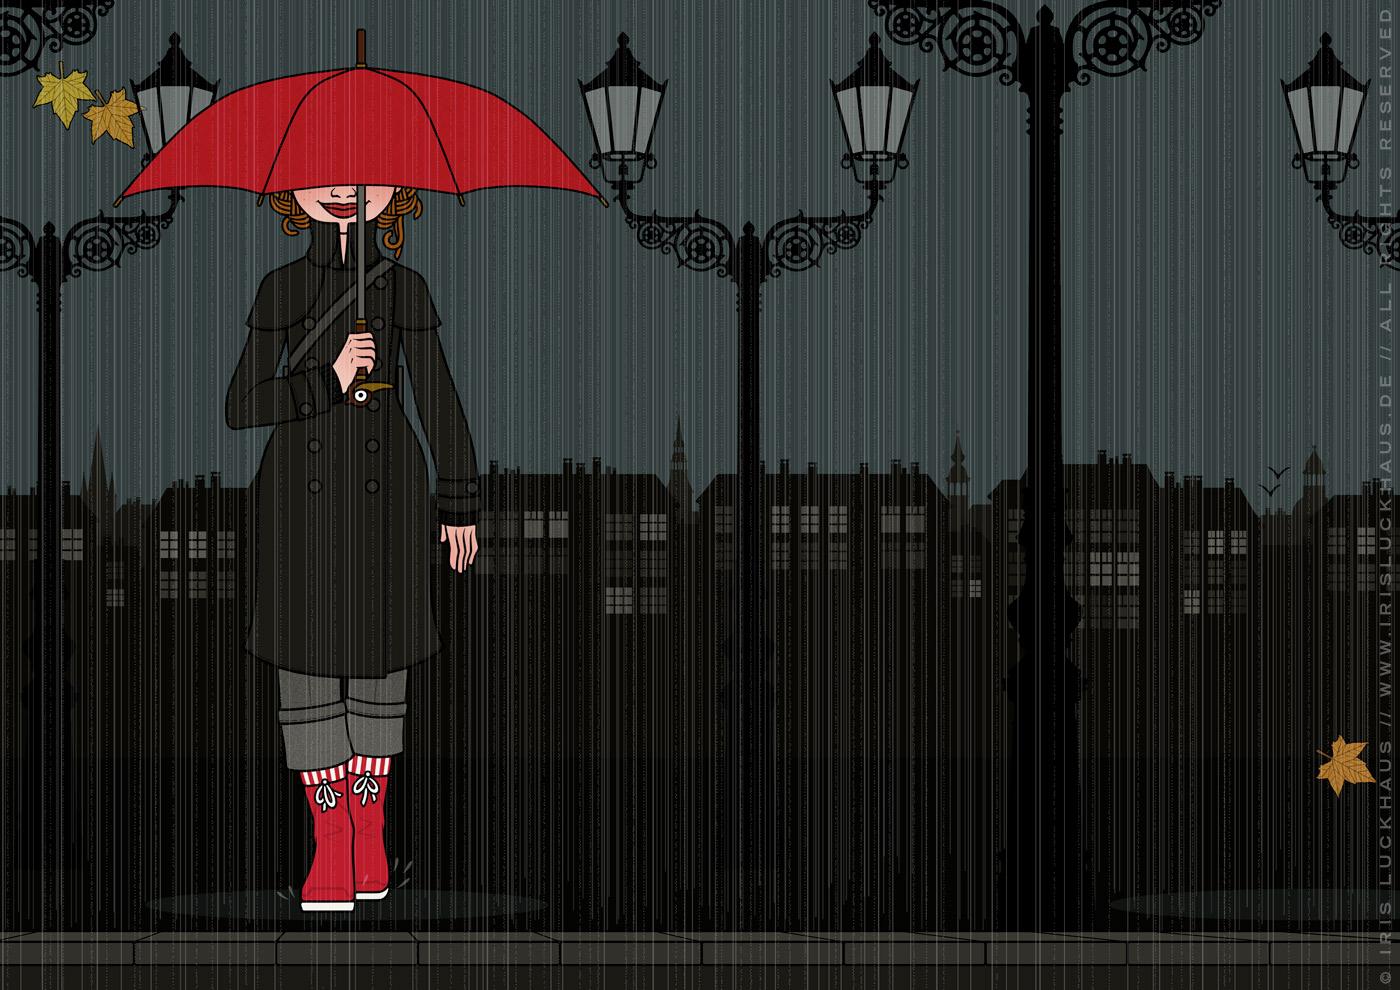 Regenspaziergang für Lily Lux